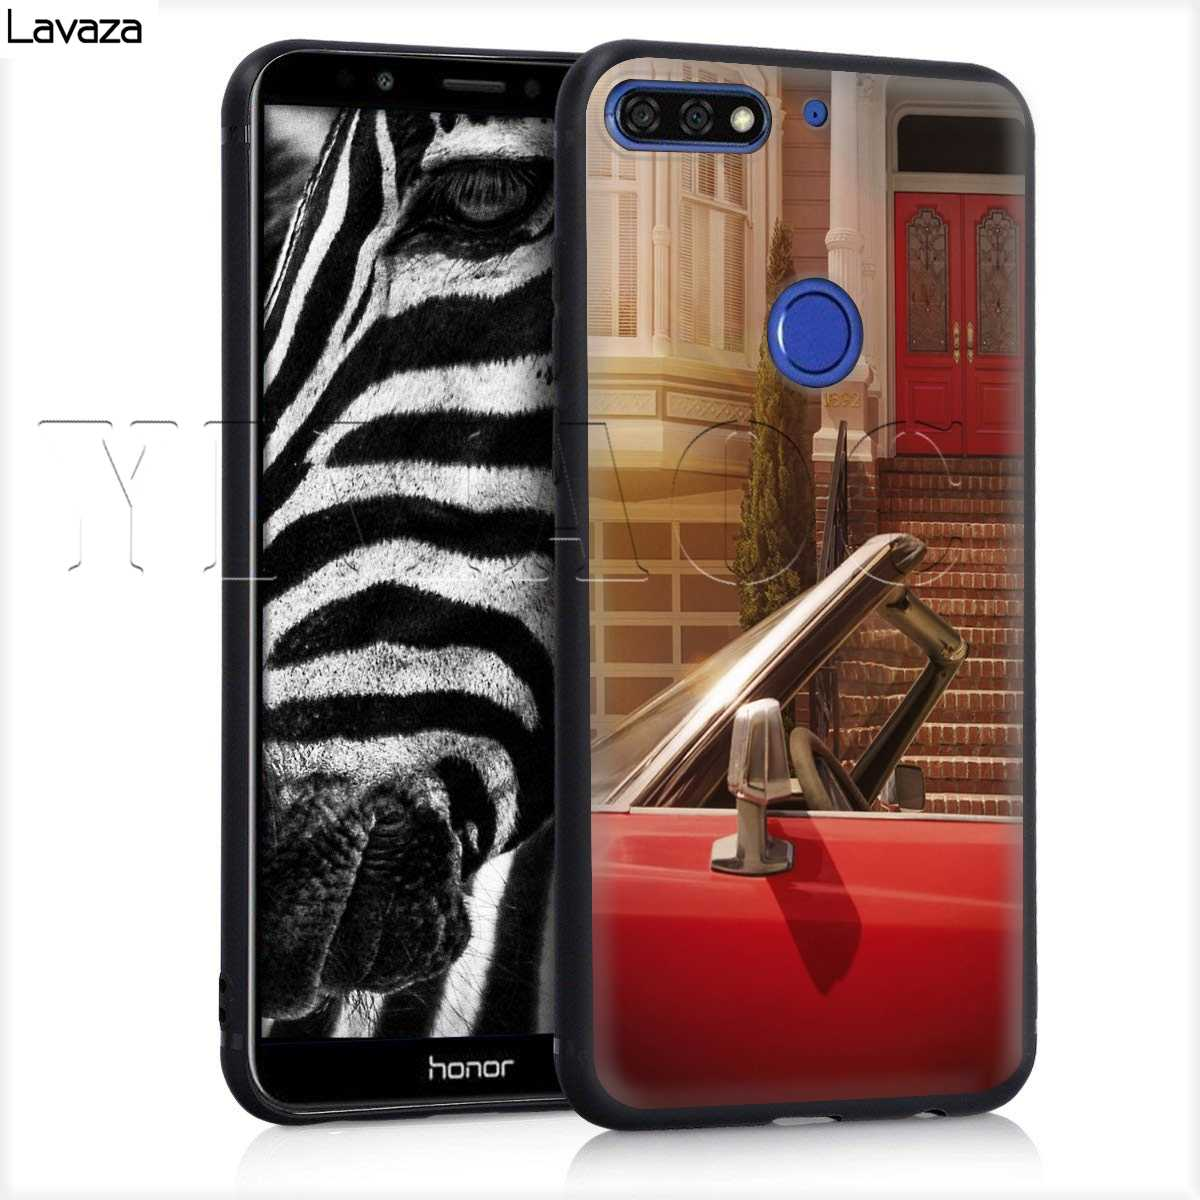 Lavaza Đầy Đủ Hơn Nhà Ốp Lưng cho Huawei Mate 10 P8 P9 P10 P20 P30 Y7 Y9 Lite Pro P Mini Thông Minh 2017 2019 2018